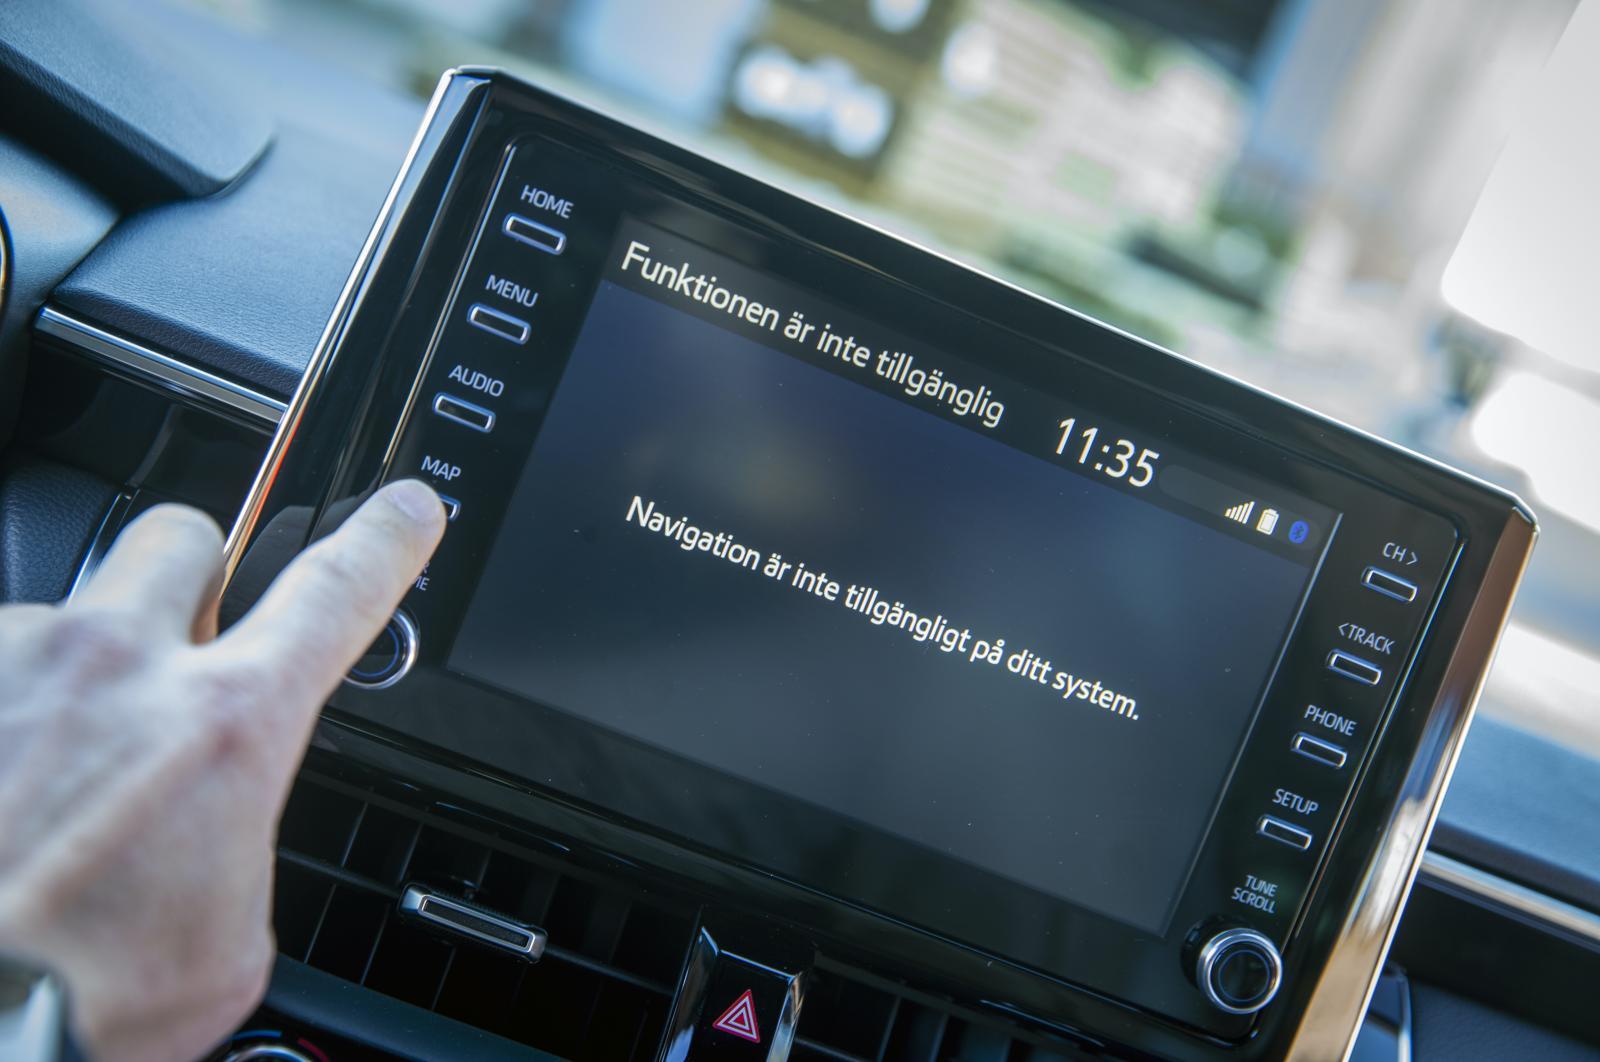 """""""Funktionen är inte tillgänglig."""" Navigator saknas men det går att spegla kartan från mobilen."""